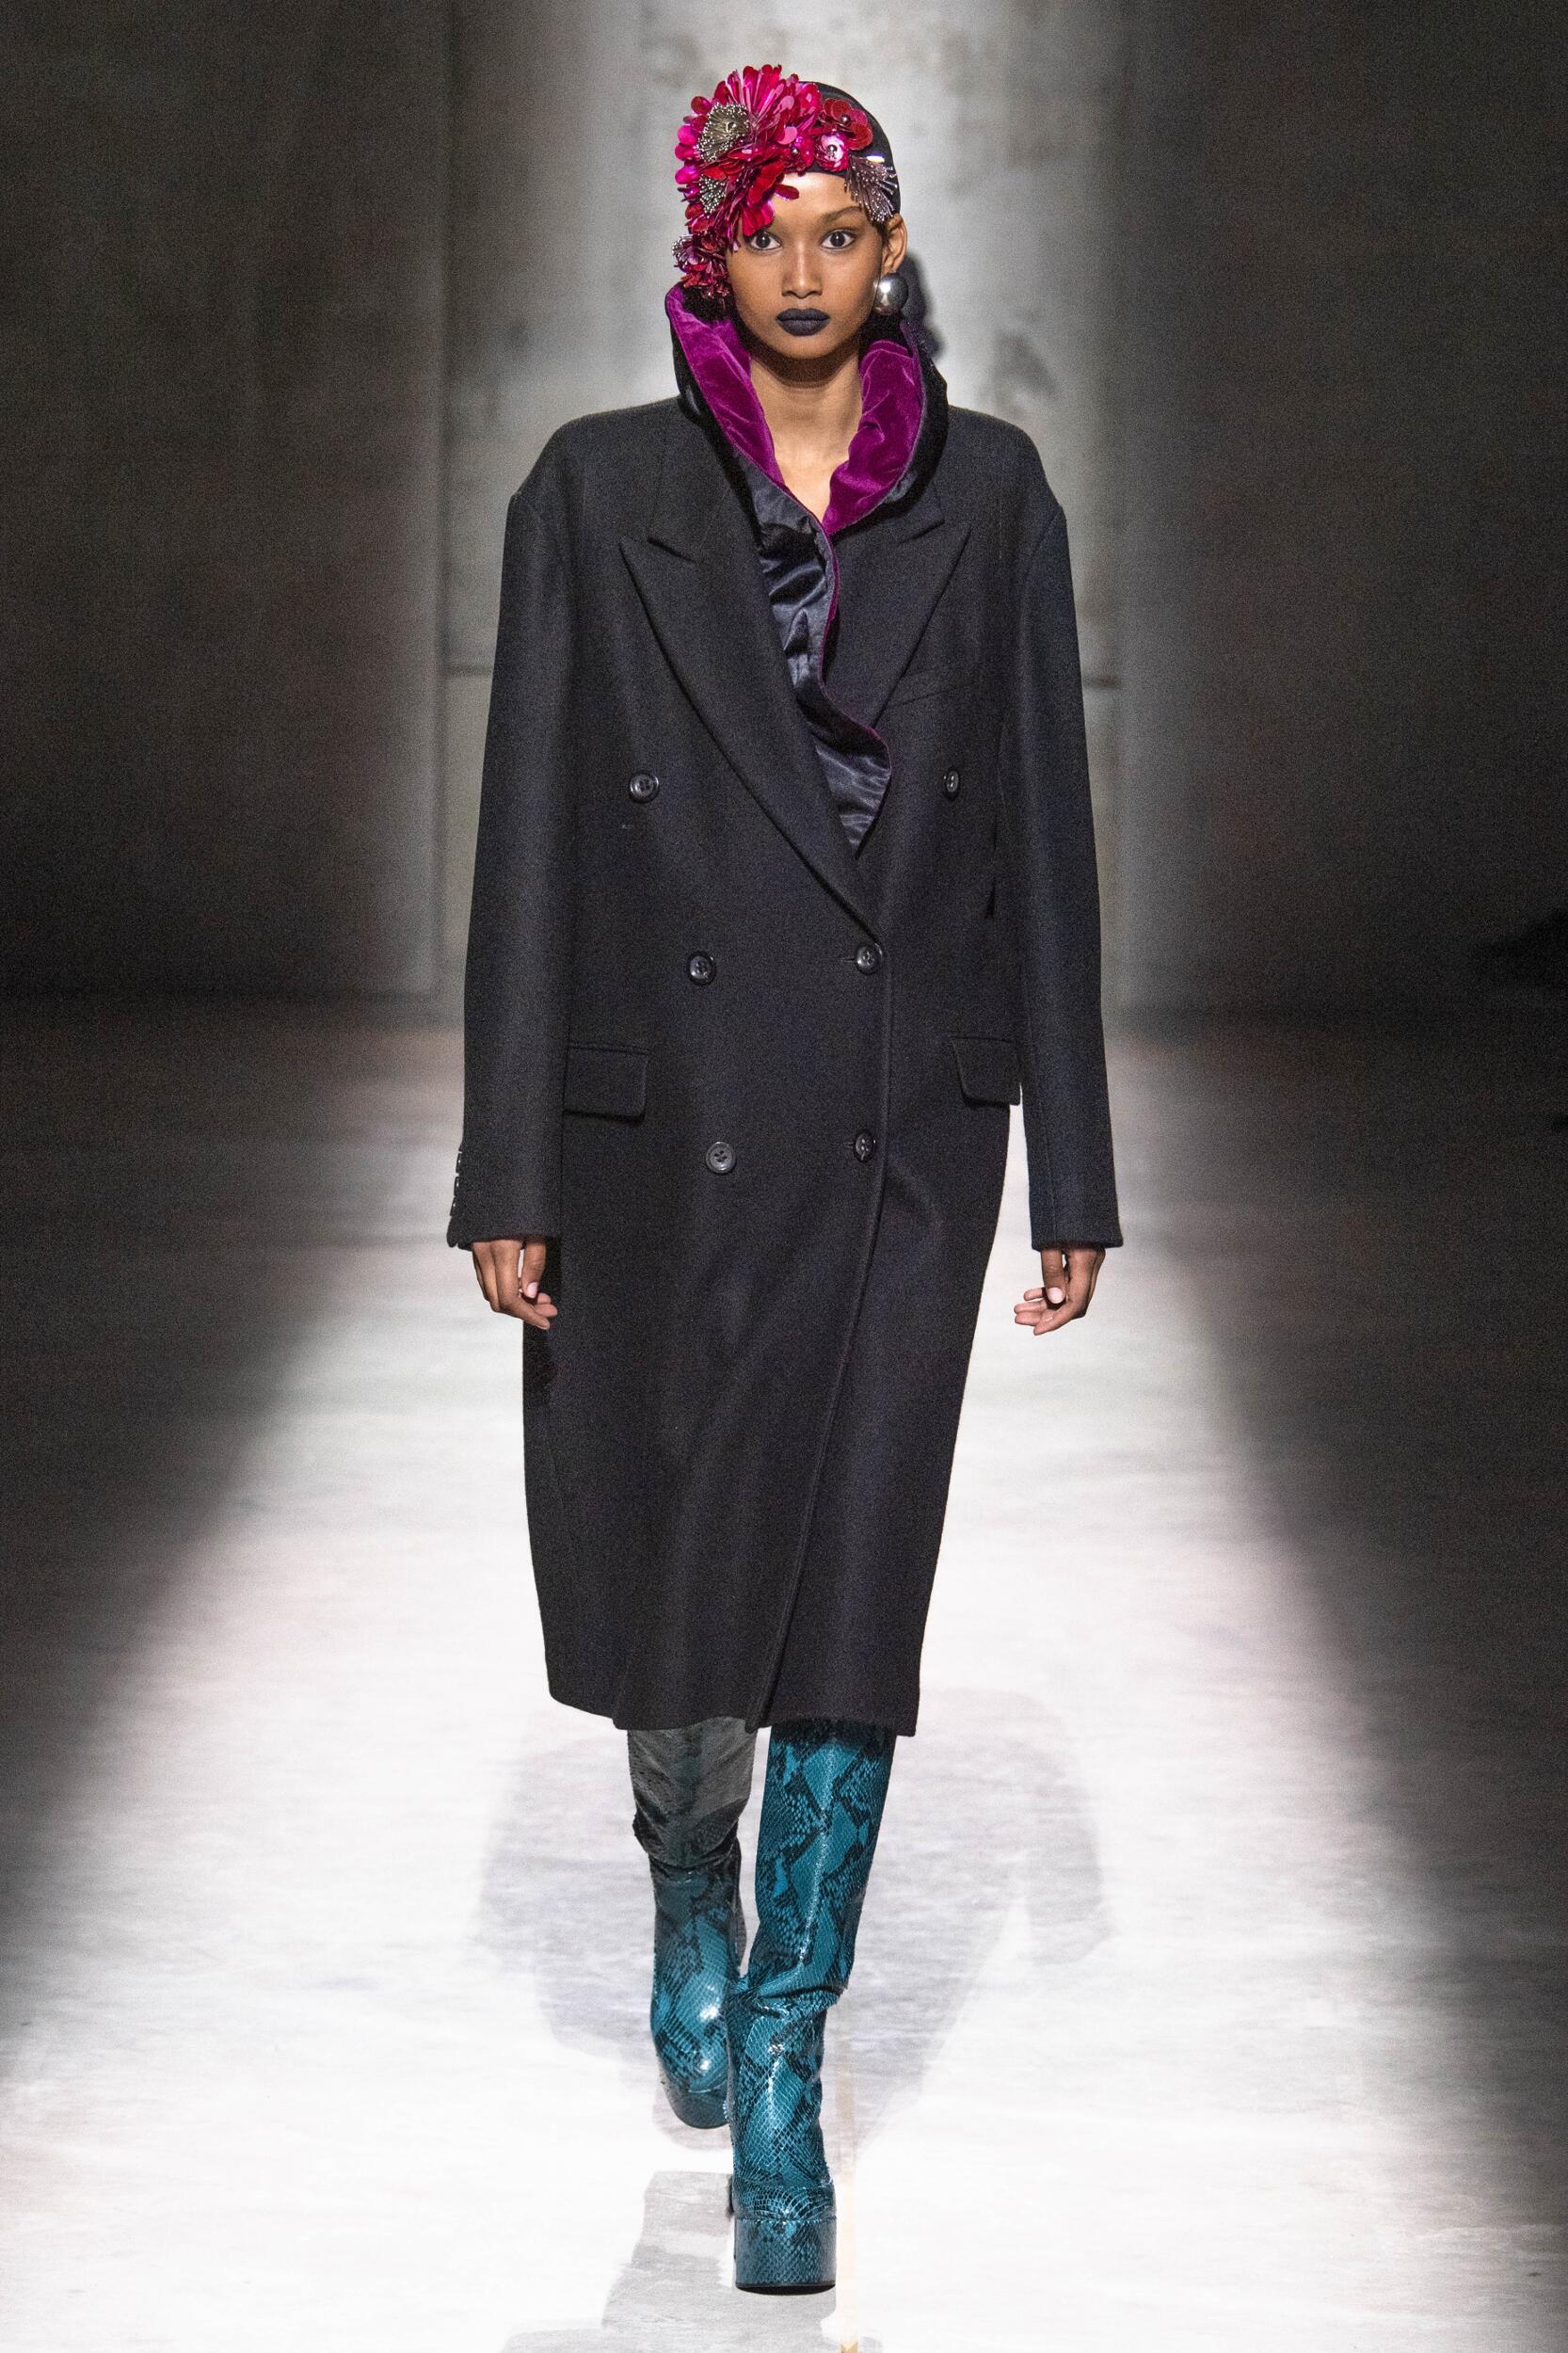 Womenswear Fall Winter Dries Van Noten 2020 Trends